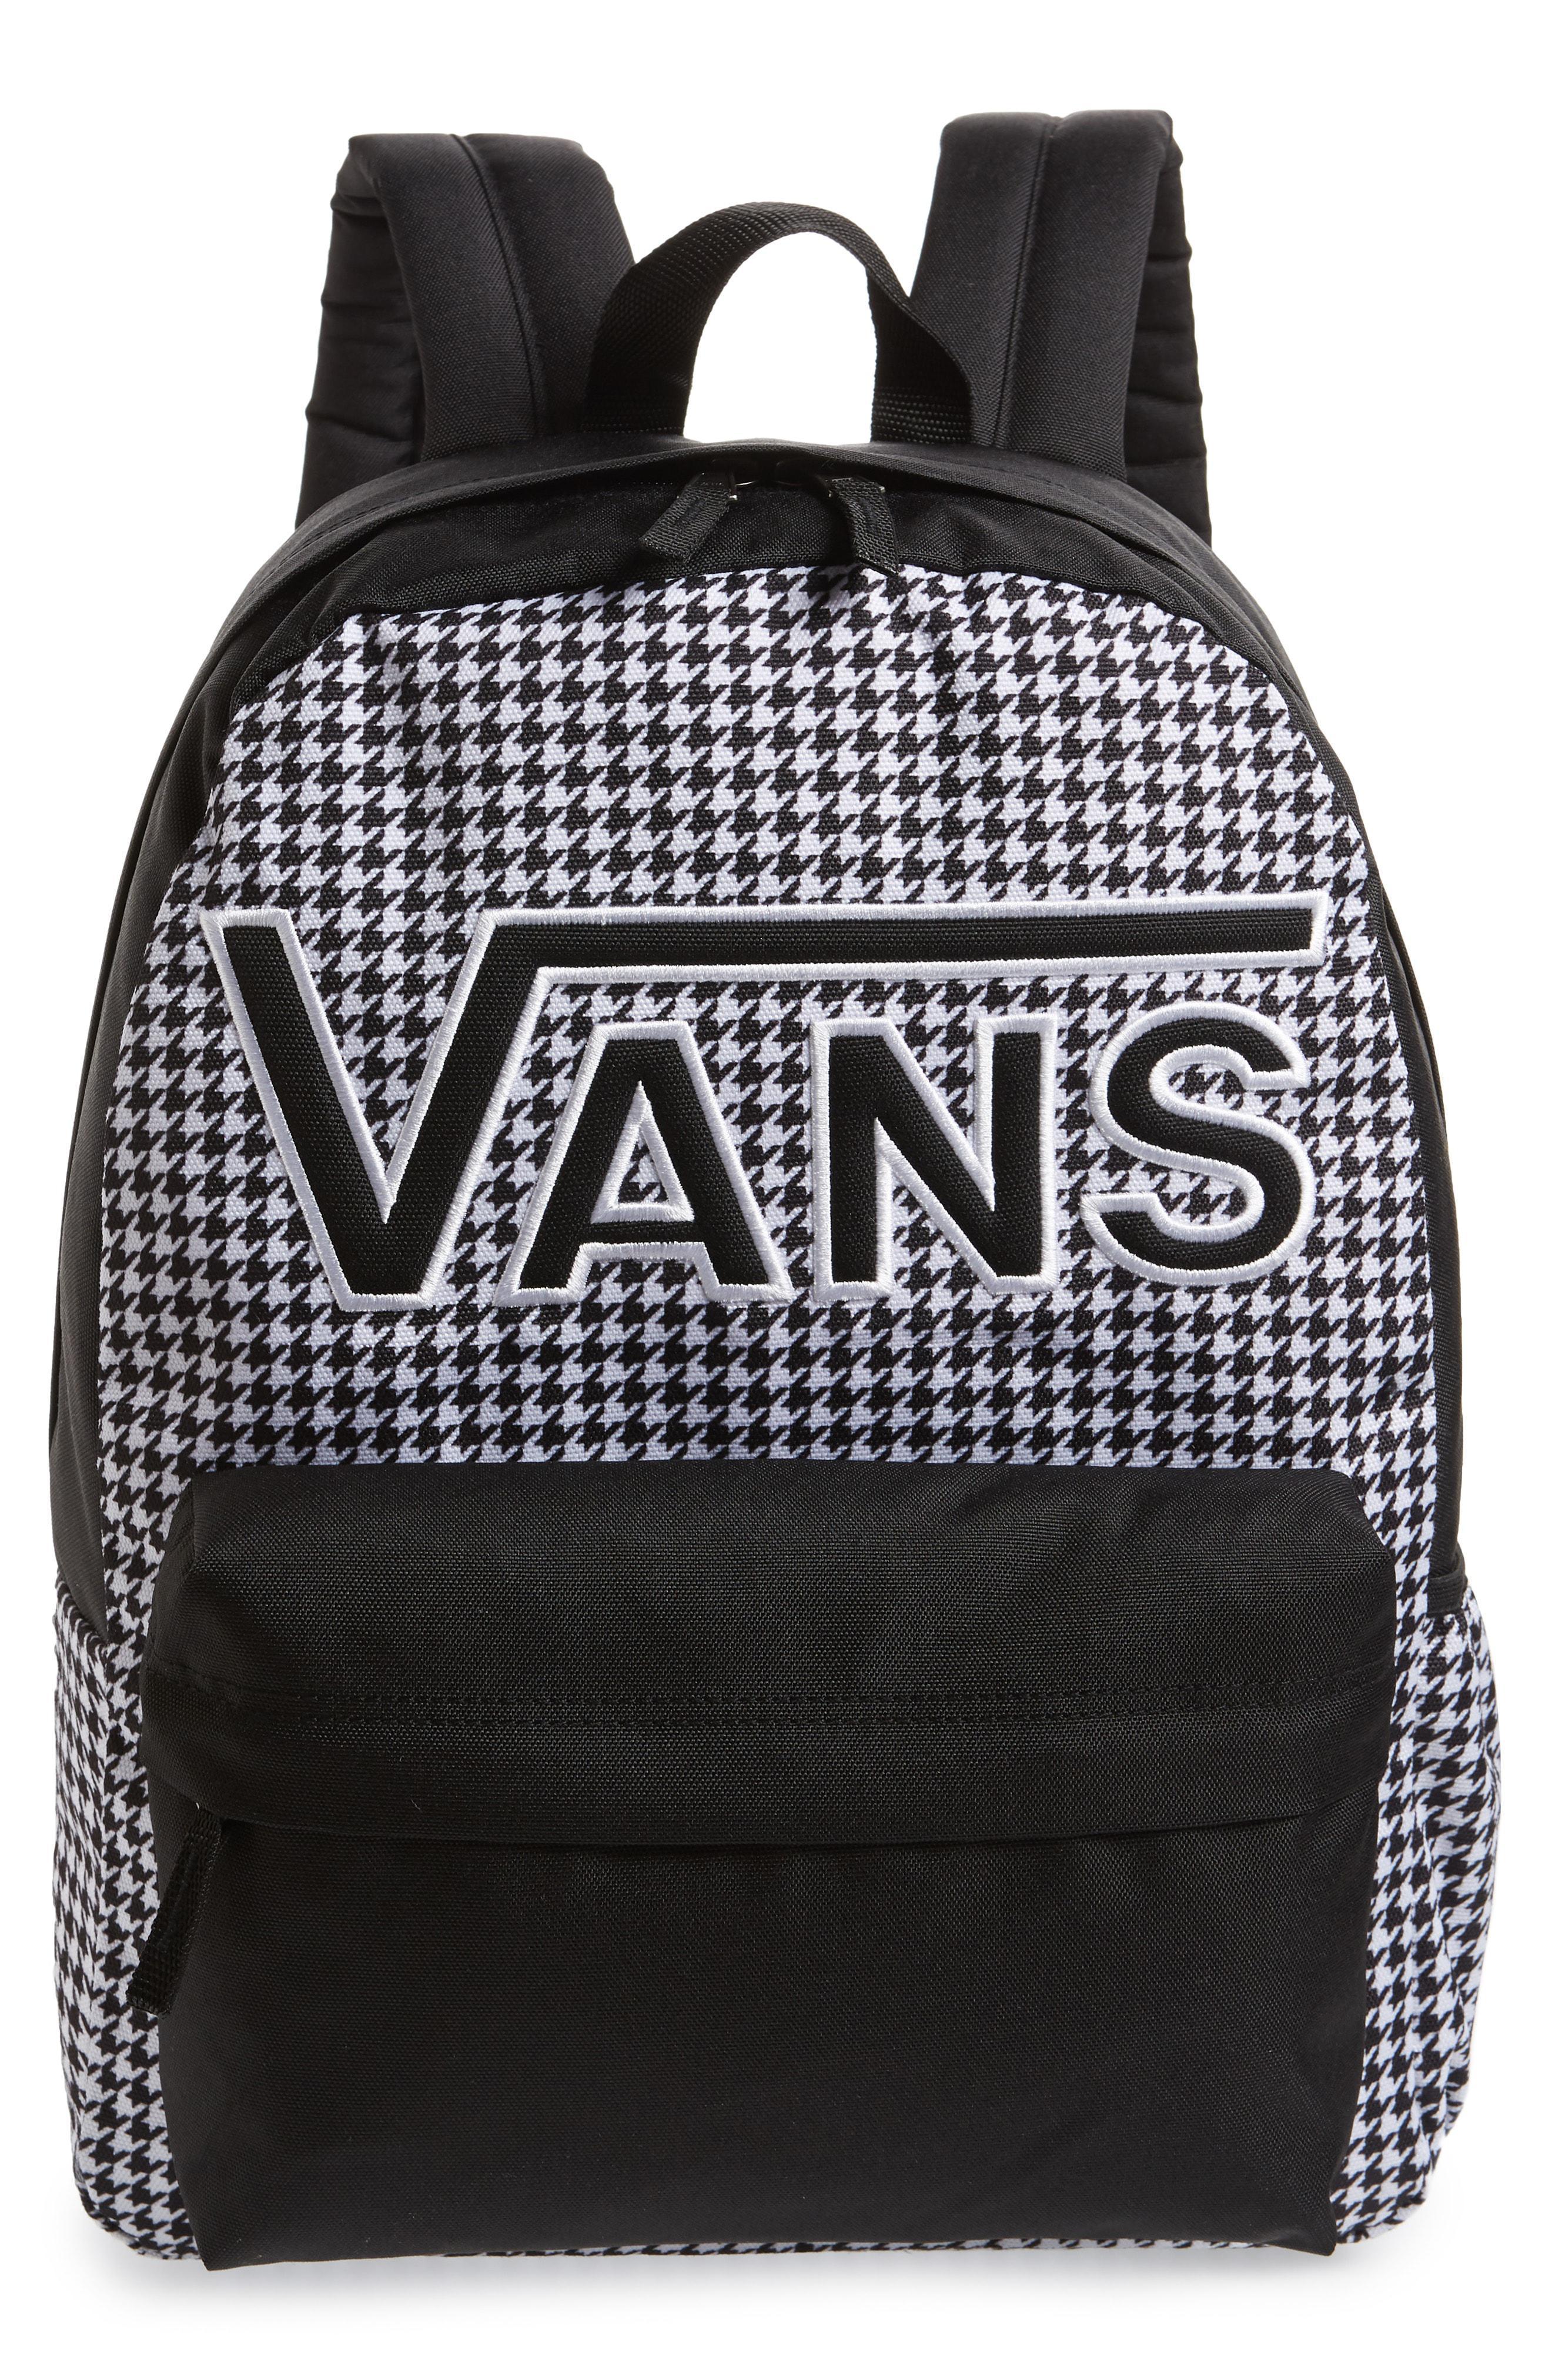 9d8107340b Lyst - Vans Realm Flying V Backpack - in Black